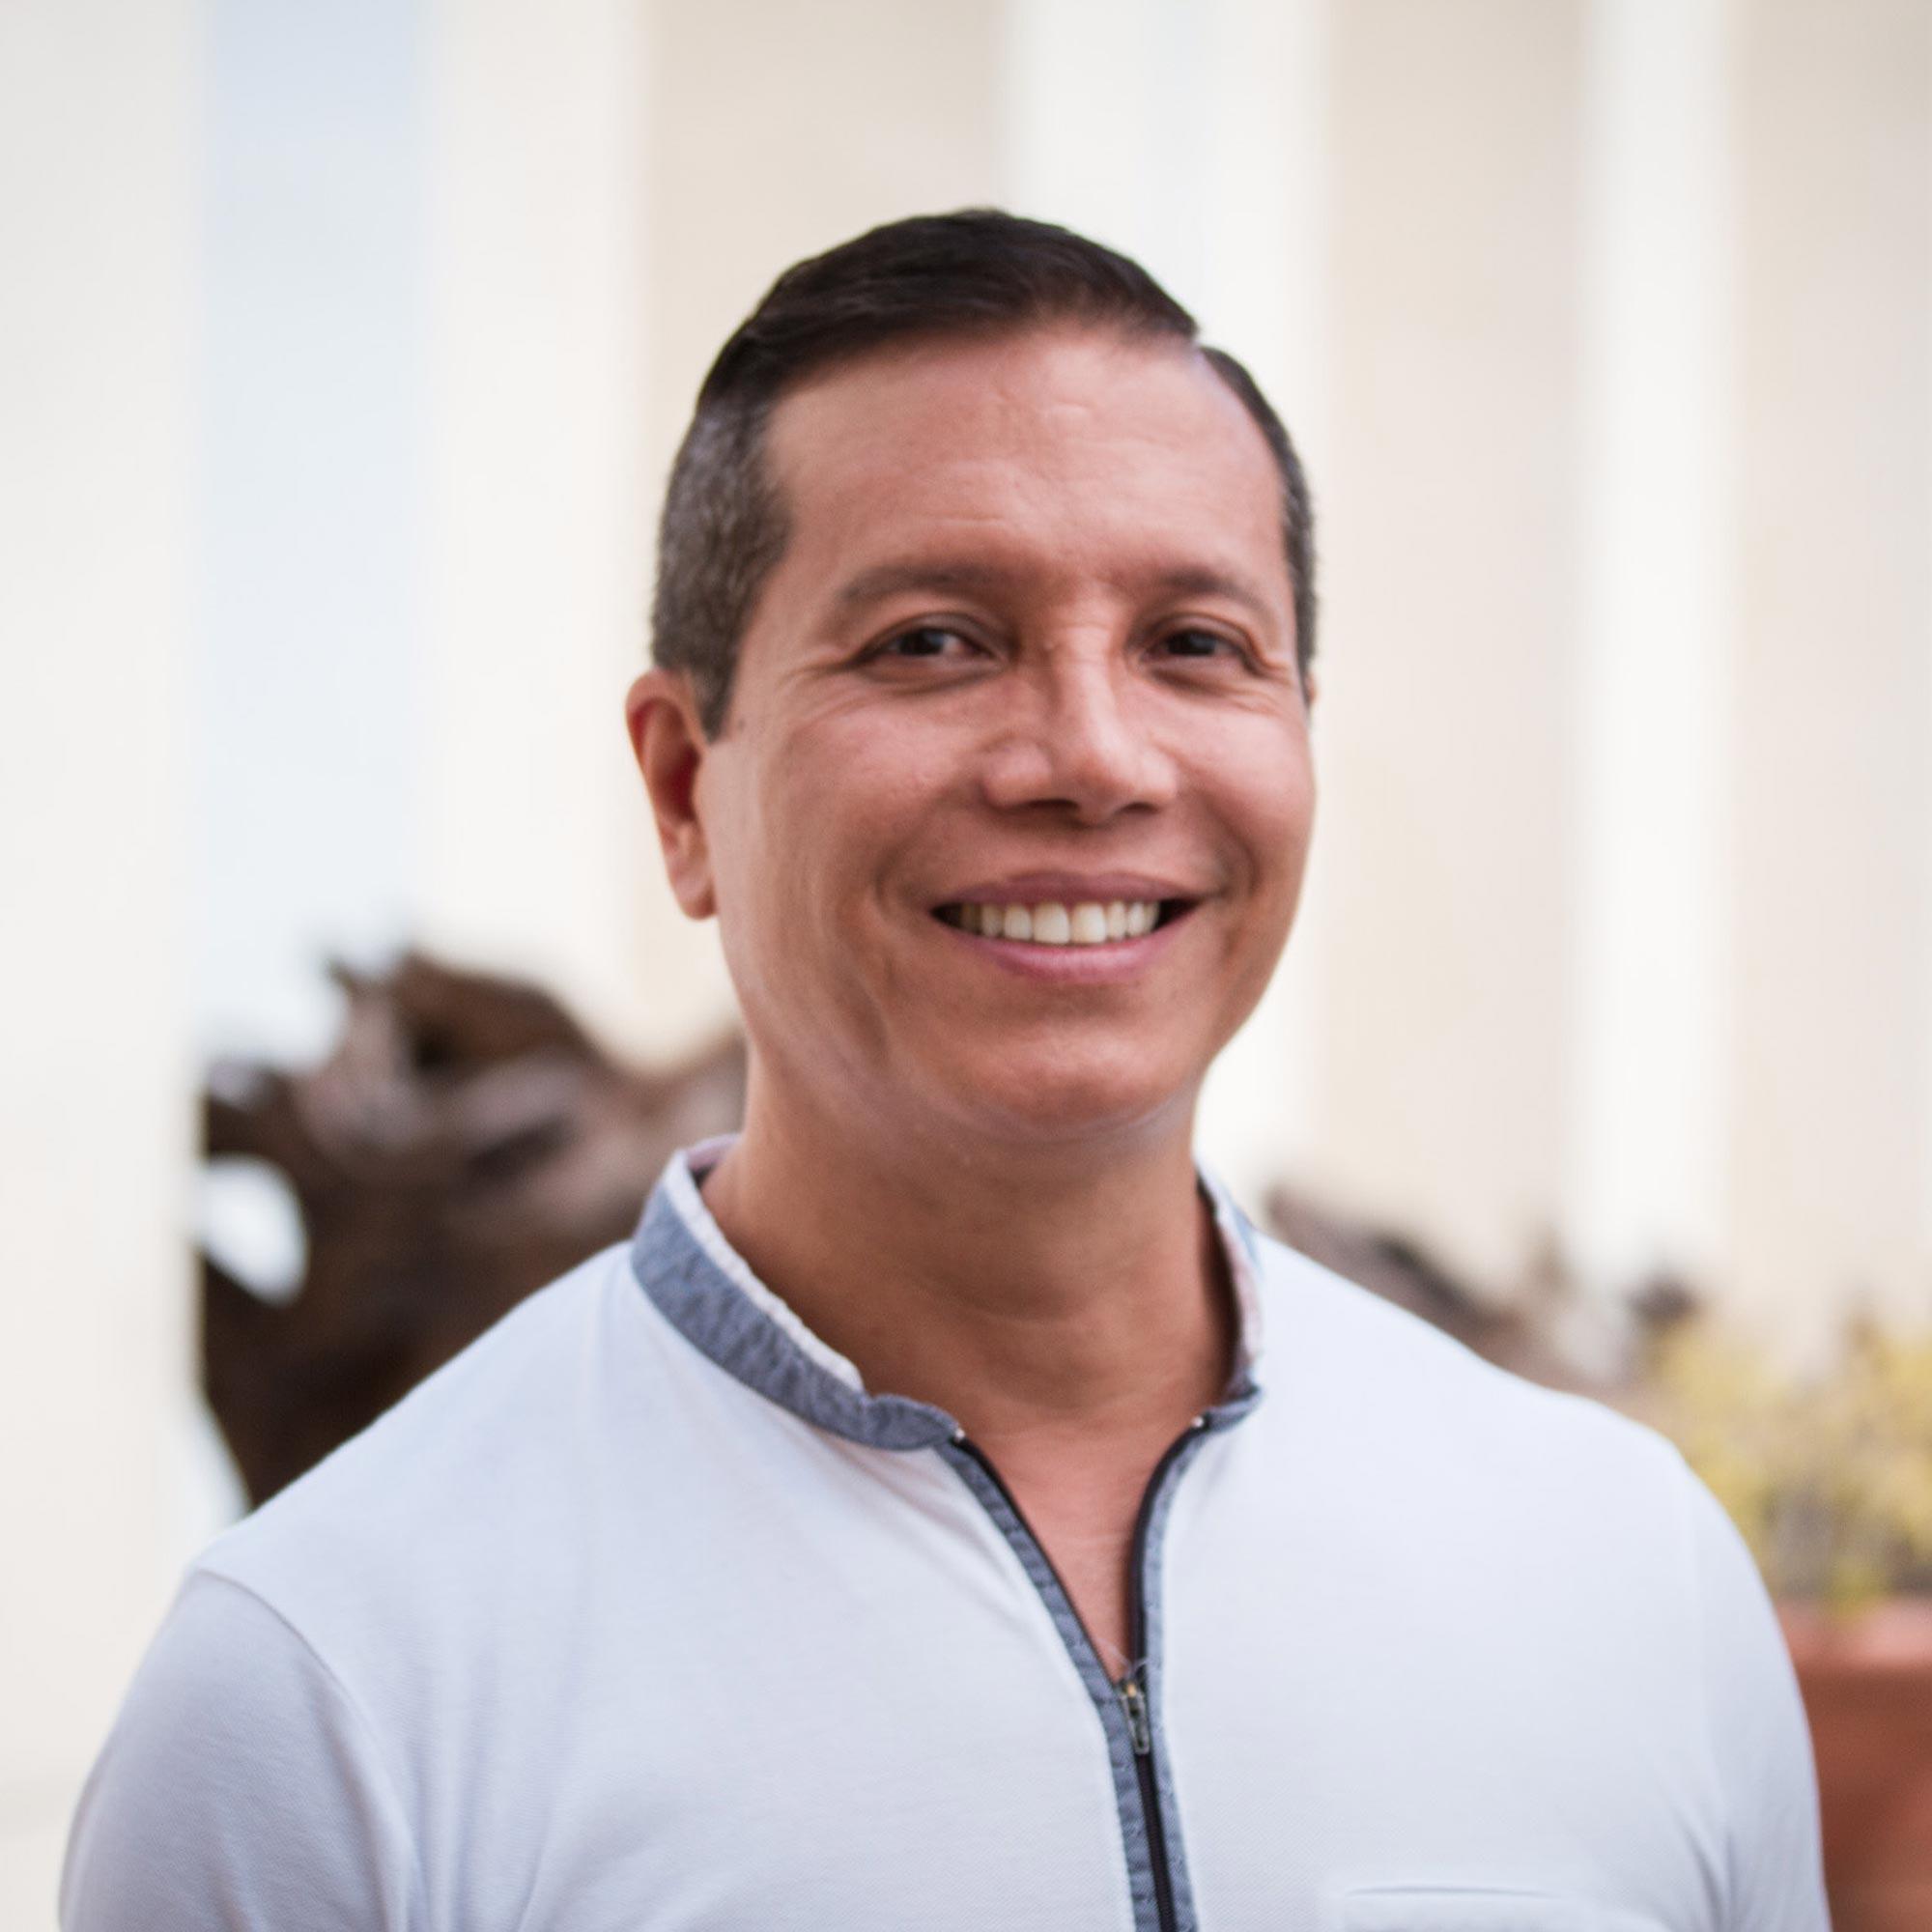 Oscar Figueroa Escorcia